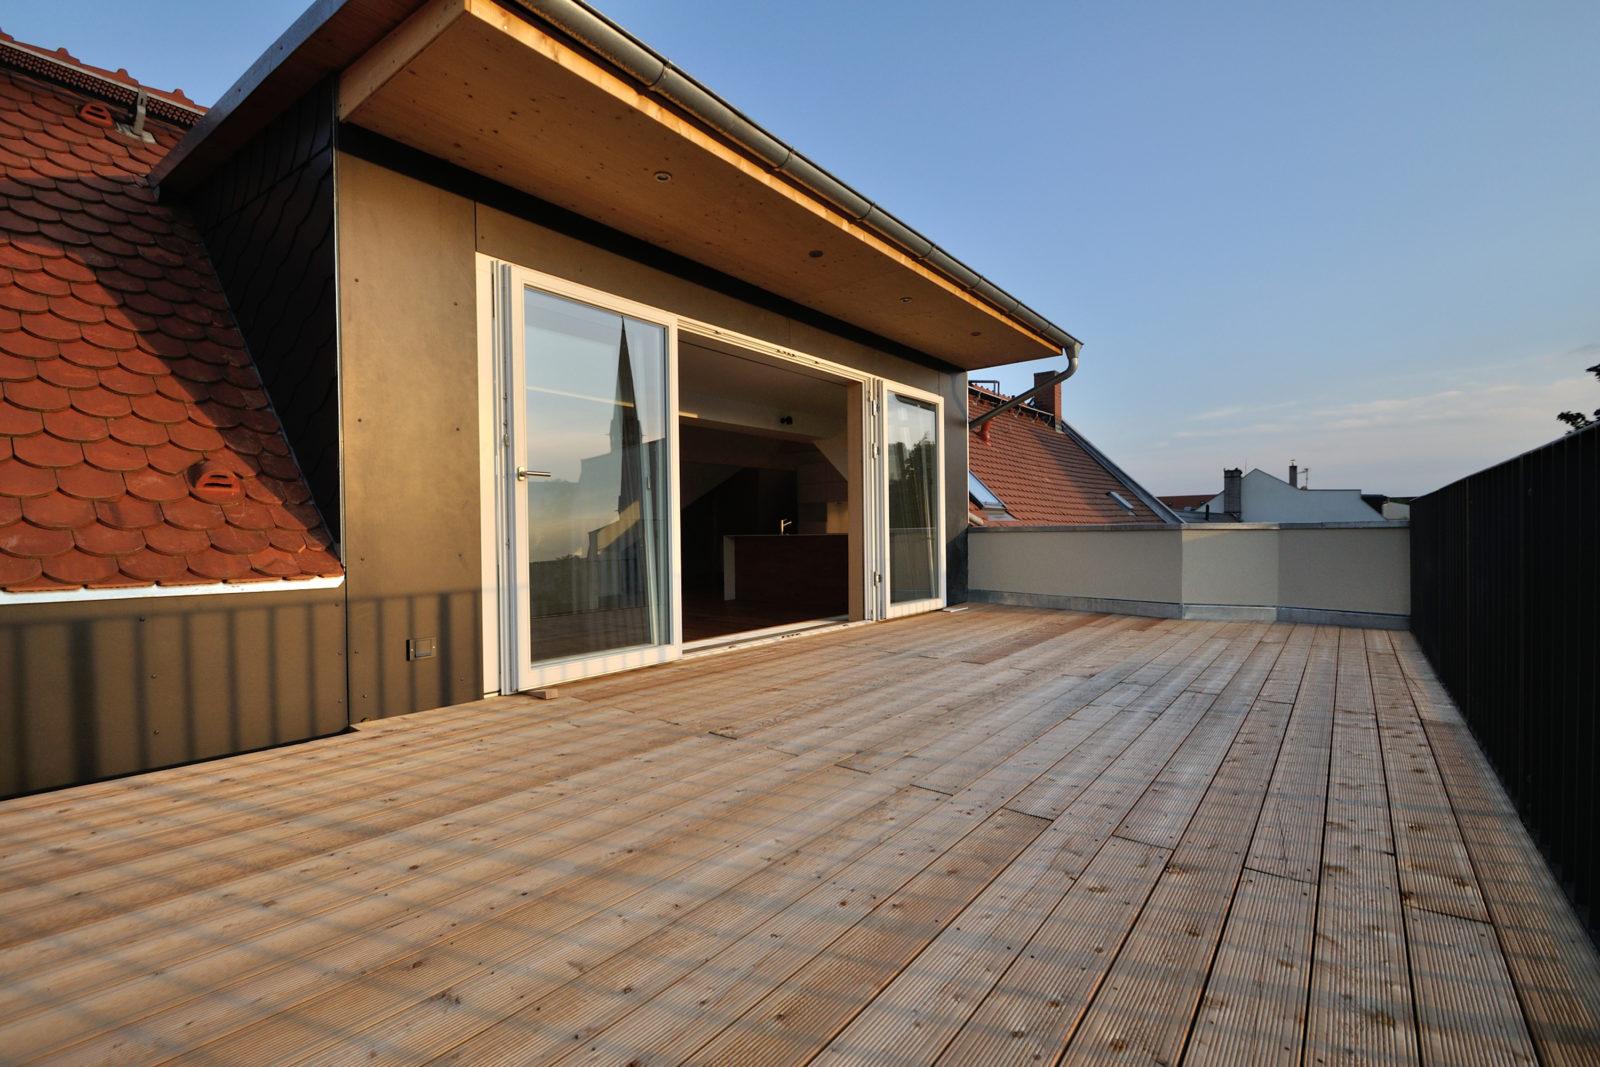 Umbau und Sanierung Mehrfamilienhaus in Leipizg, Plagwitz - Dachterrasse